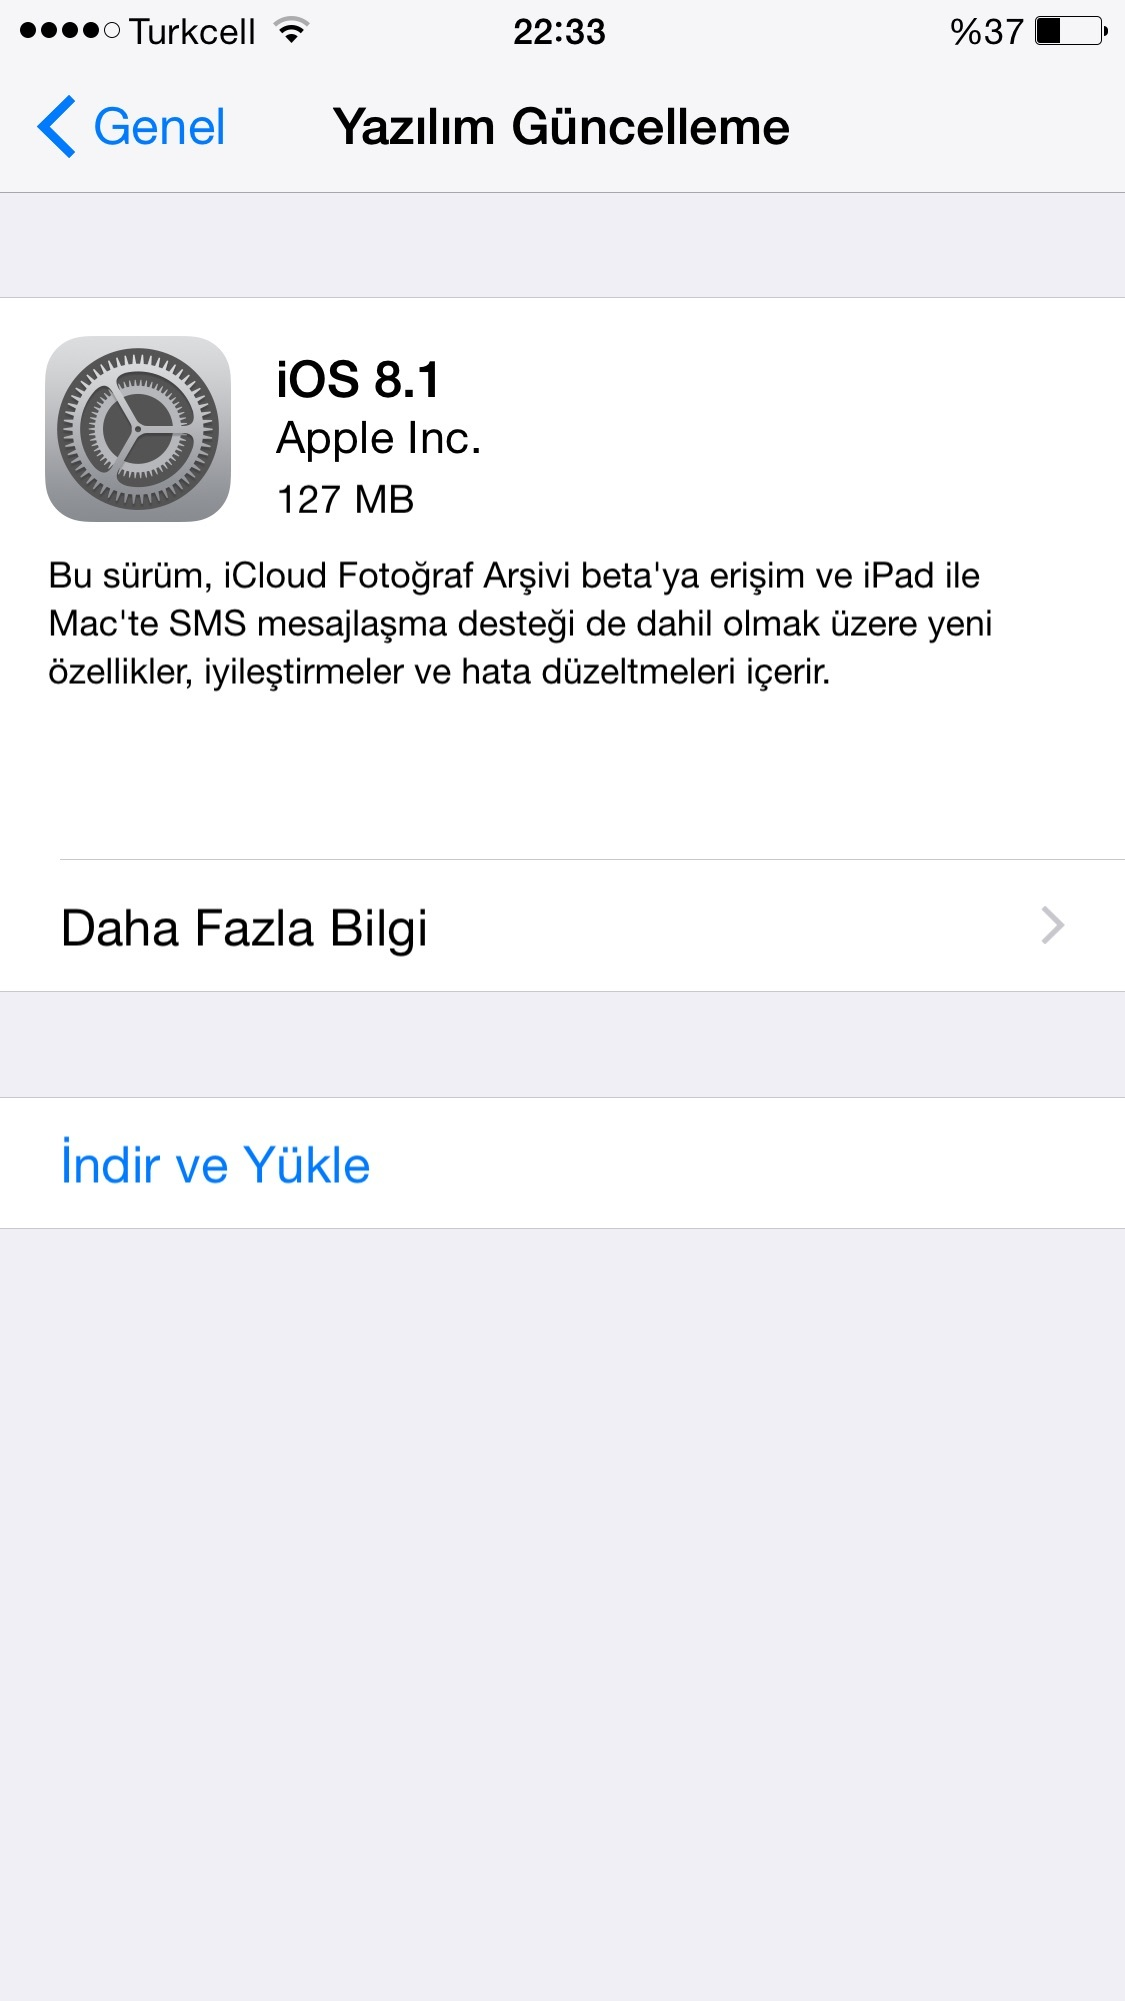 iphone 6 yazılım yükleme hatası